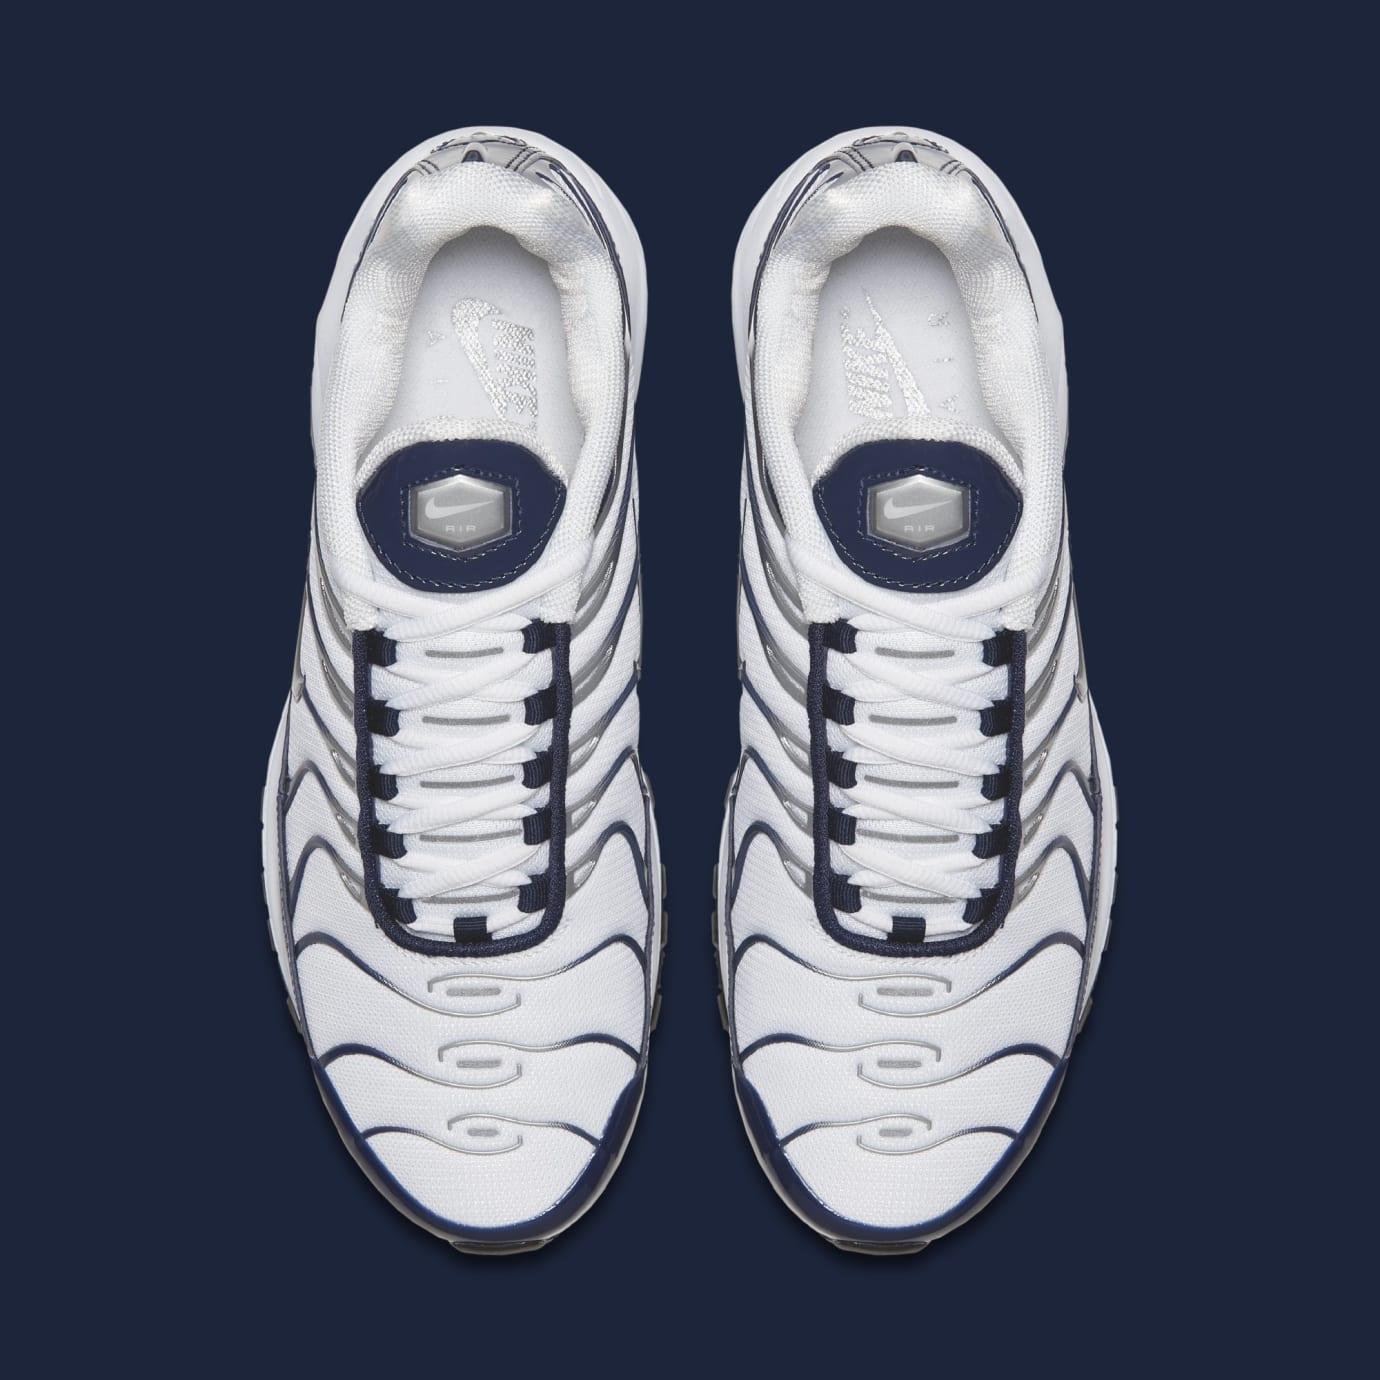 discount 73330 0f93c Image via Nike Nike Air Max Plus 97 AH8144-100 (Top)